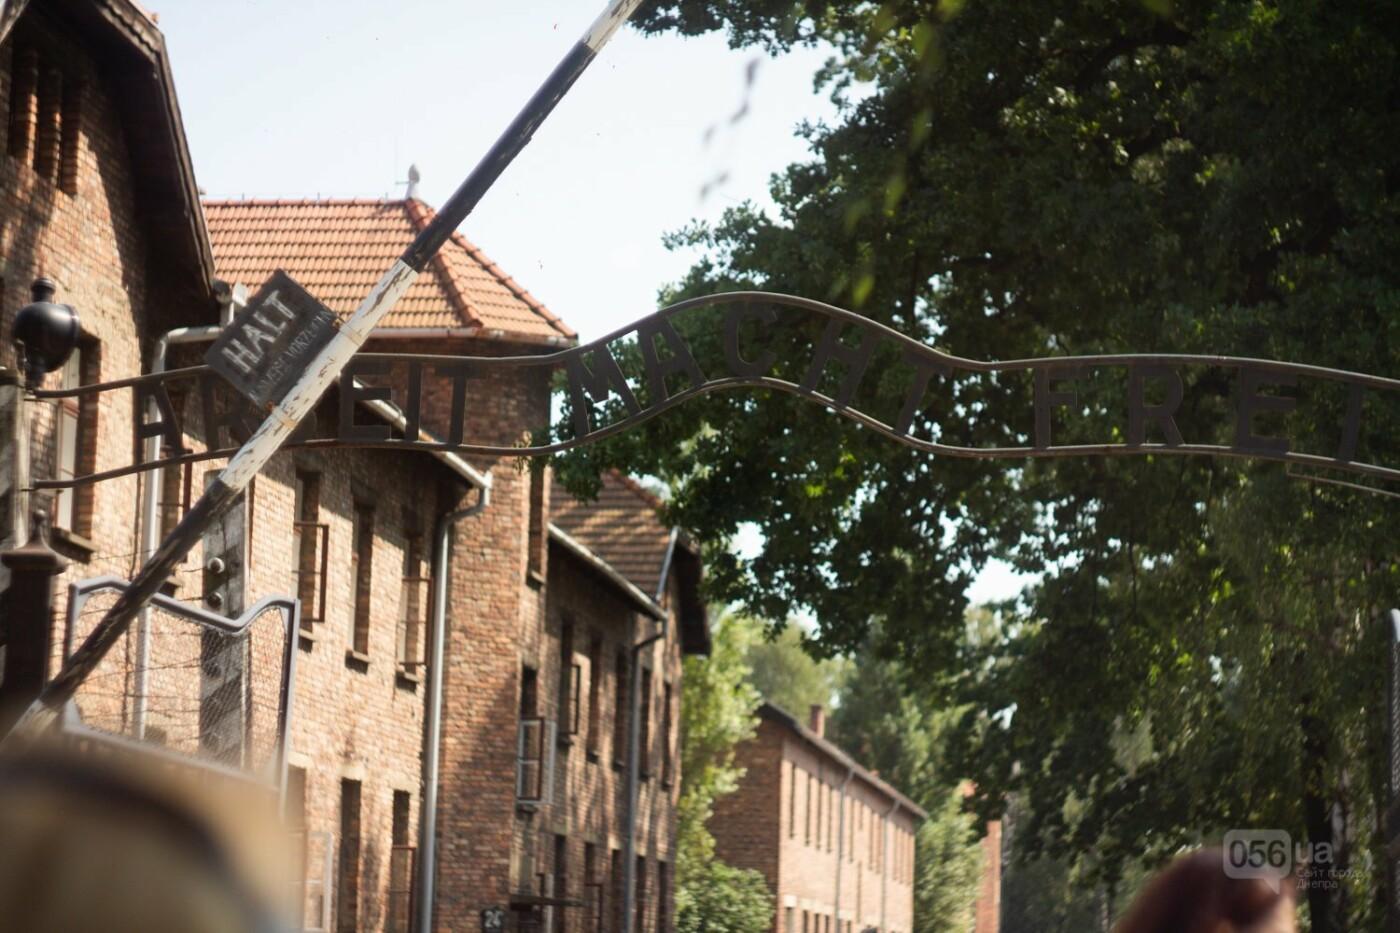 Приехать в Польшу и влюбиться, часть 1: мини-гайд по Кракову о жилье, транспорте и развлечениях, и экскурсия в Аушвиц-Биркенау , - ФОТО, фото-30